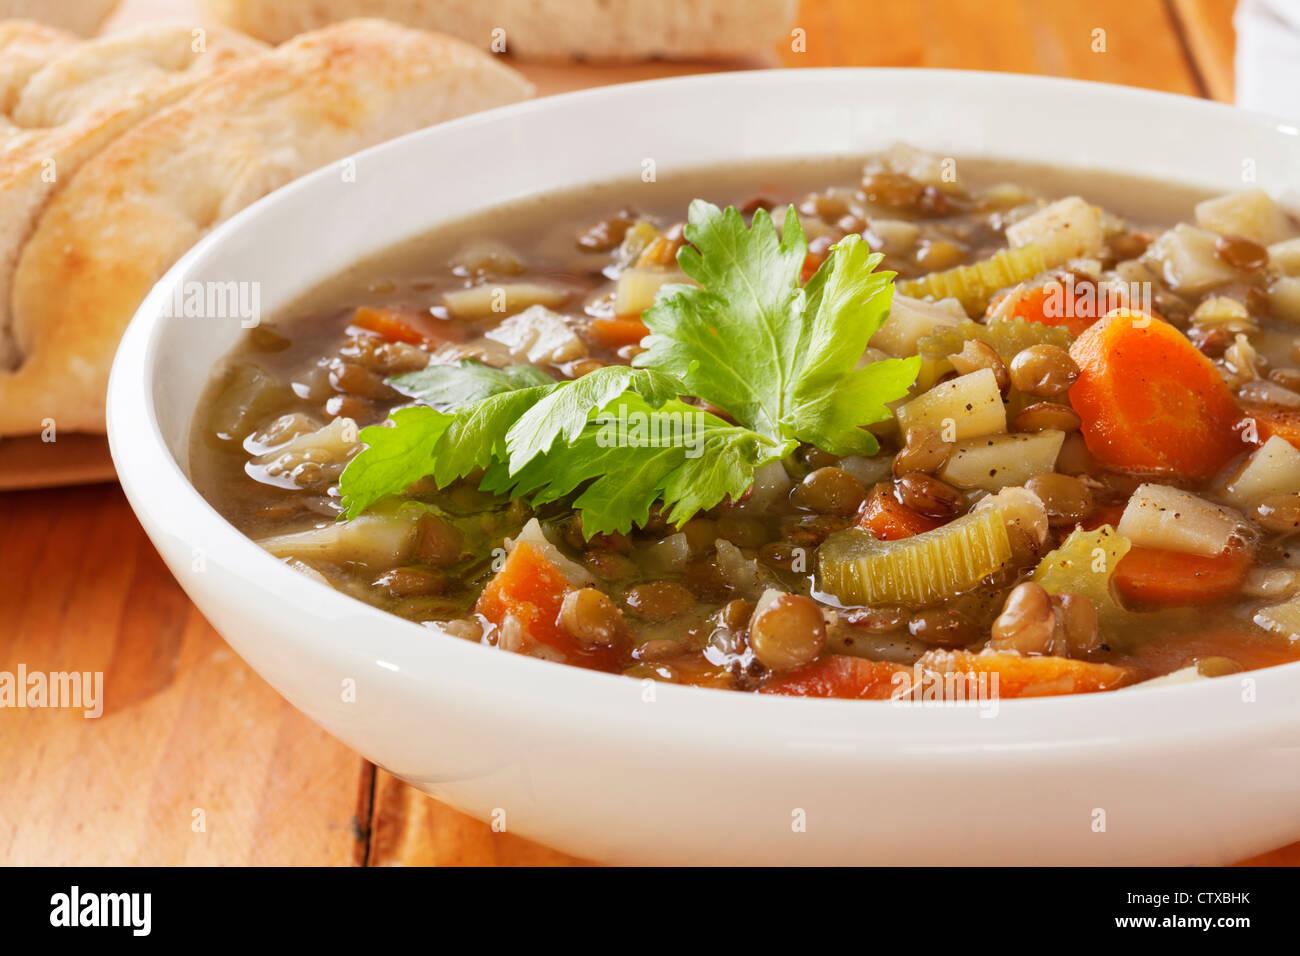 Soupe aux lentilles vertes avec des légumes. Photo Stock